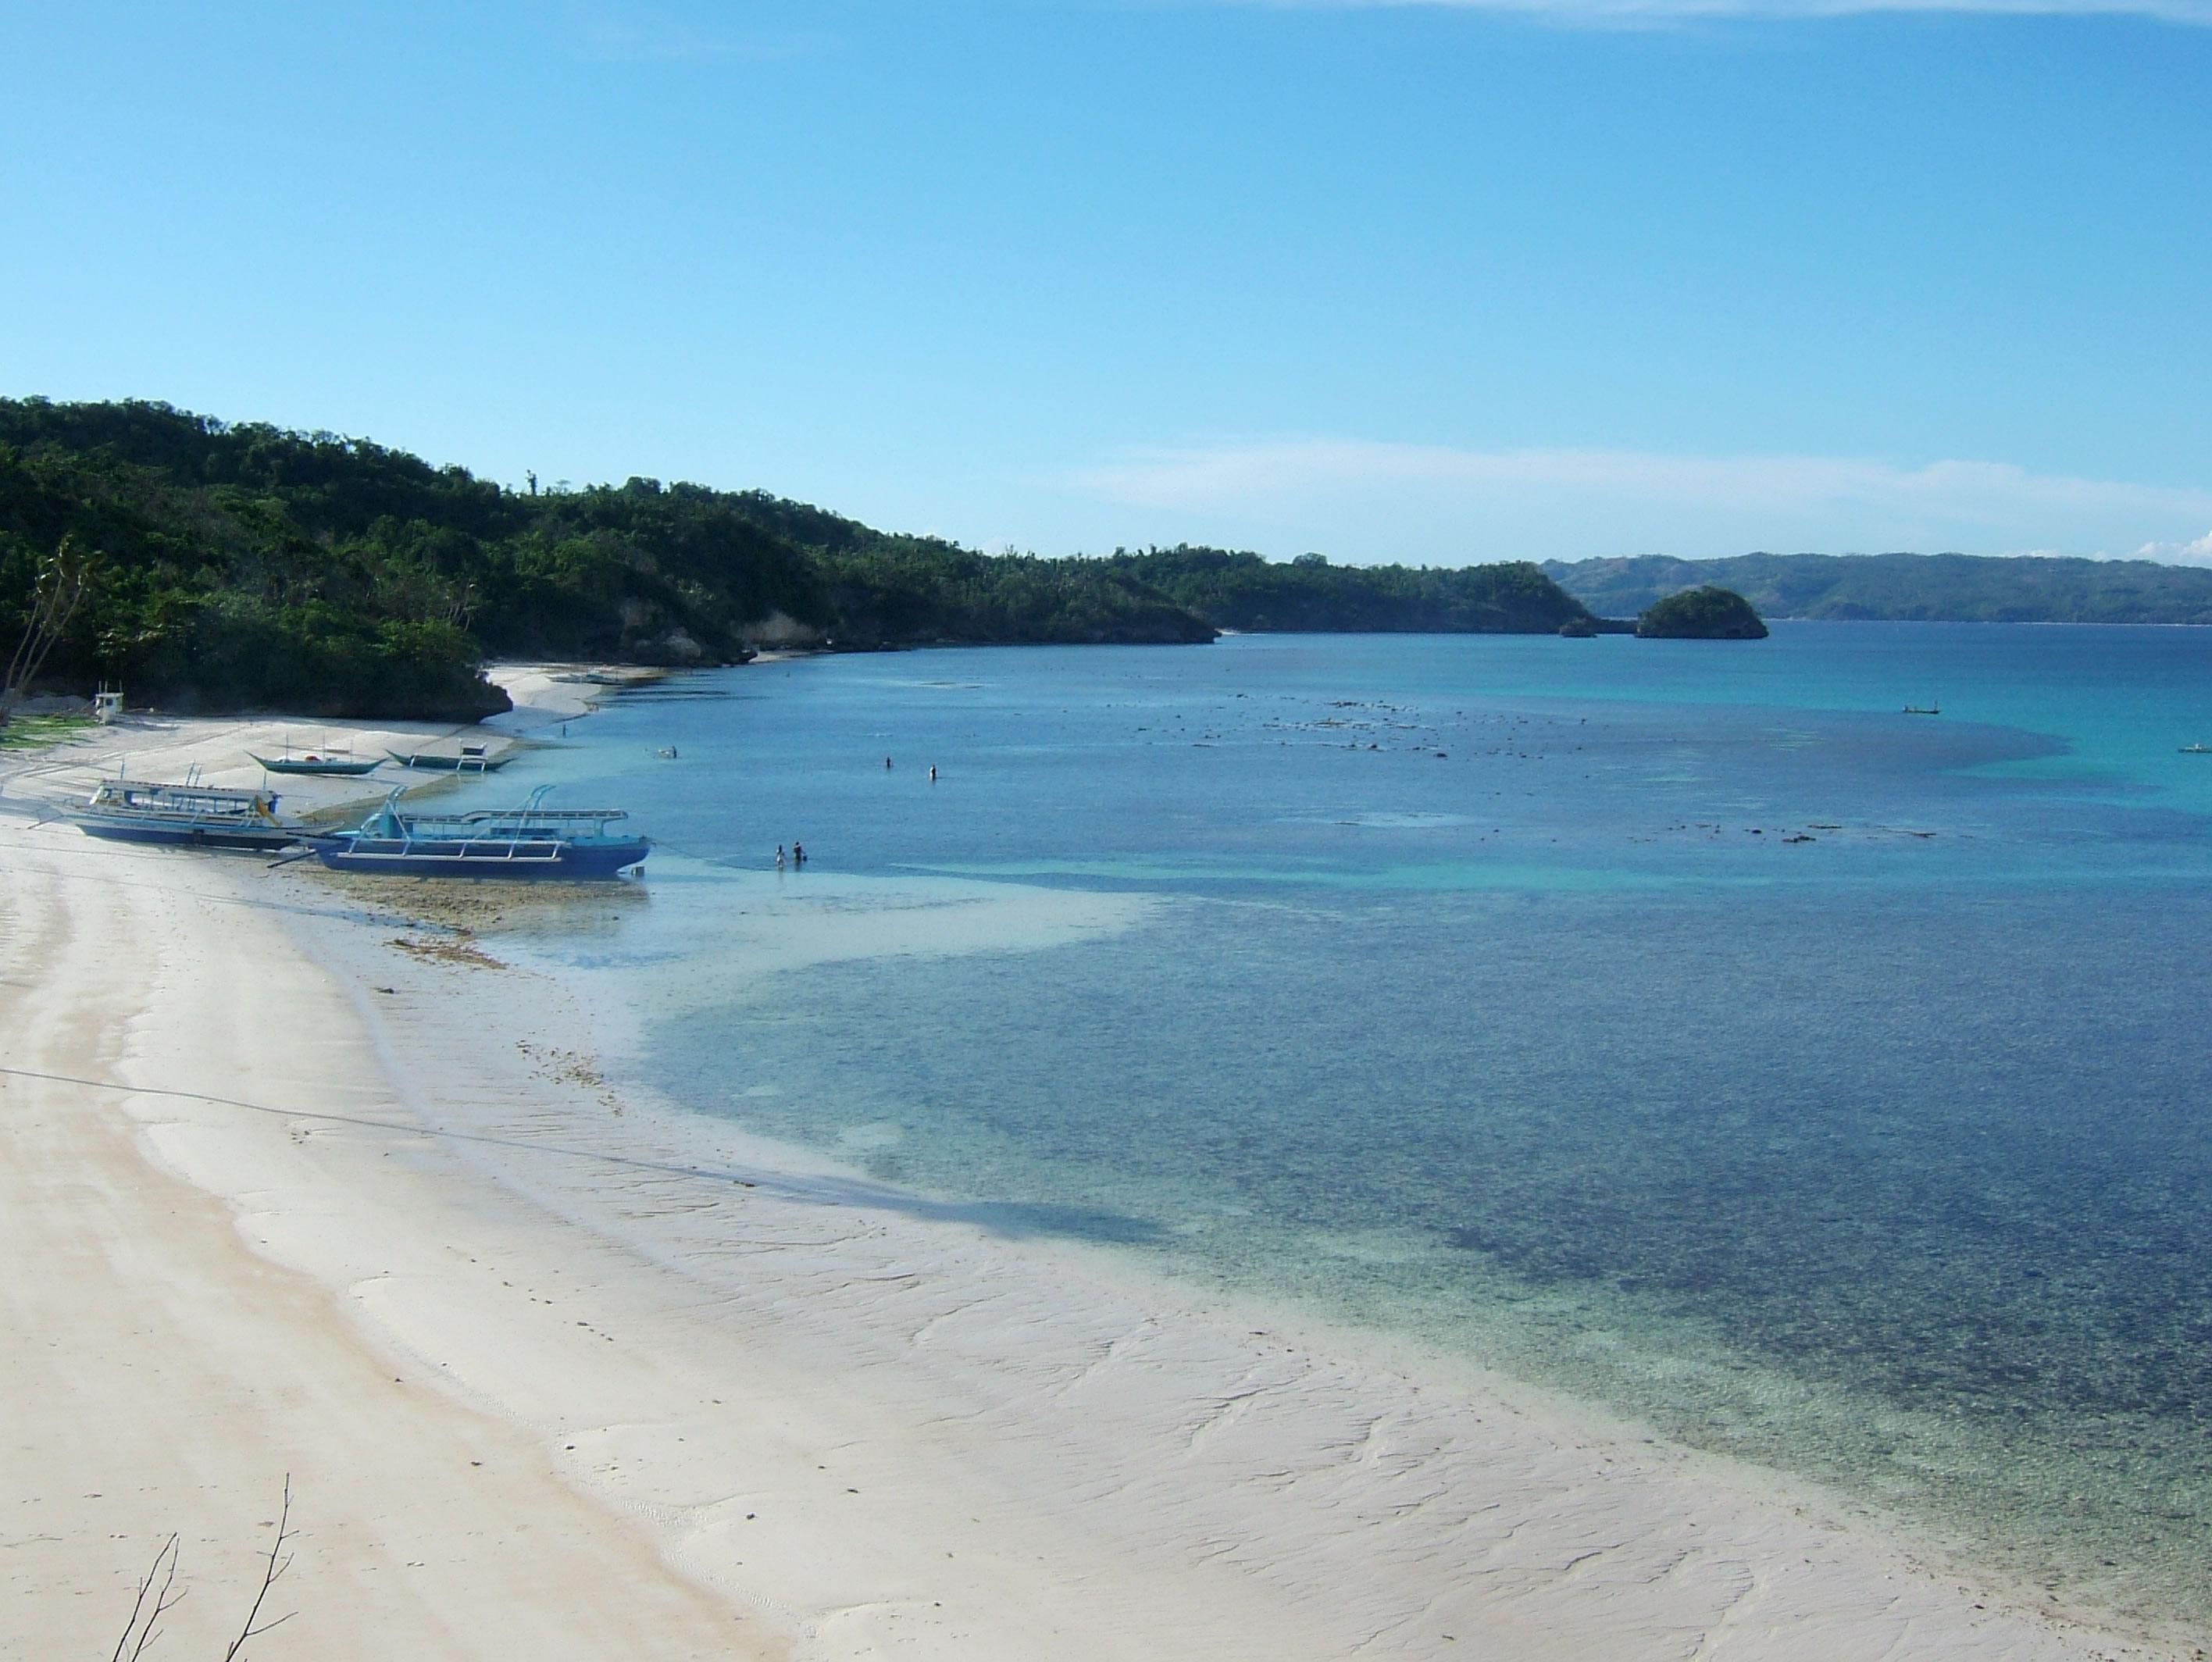 Philippines Sugar Islands Caticlan Boracay Resorts Fairways Ilig iligan beach May 2007 05